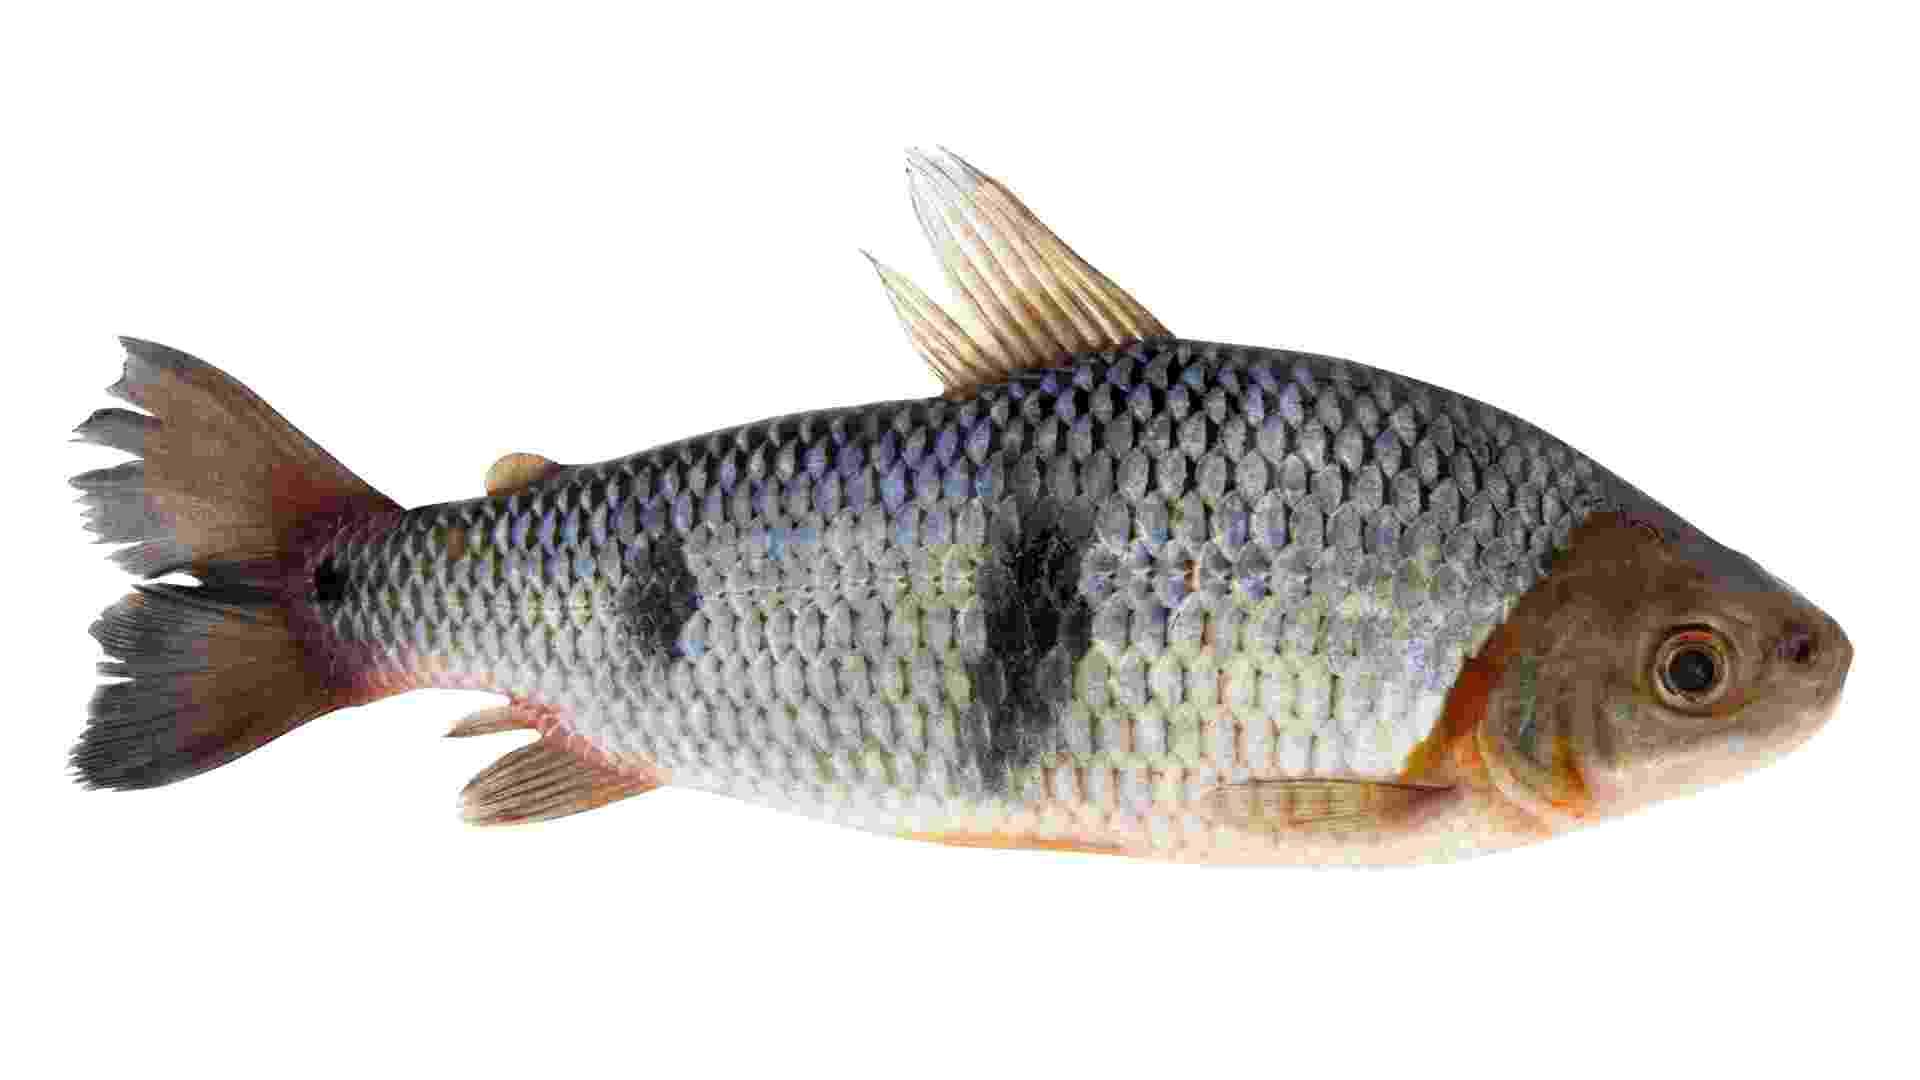 10.dez.2013 - O aracu é um dos peixes processado pelo Frigorífico Maués, de Maués (AM) e vendido por R$ 6,9 o kg para ser servido como merenda na rede pública de ensino de Manaus. Em 2013, a empresa aumentou a produção em 48%, para 350 toneladas - Jefferson Christofoletti/Embrapa/Divulgação